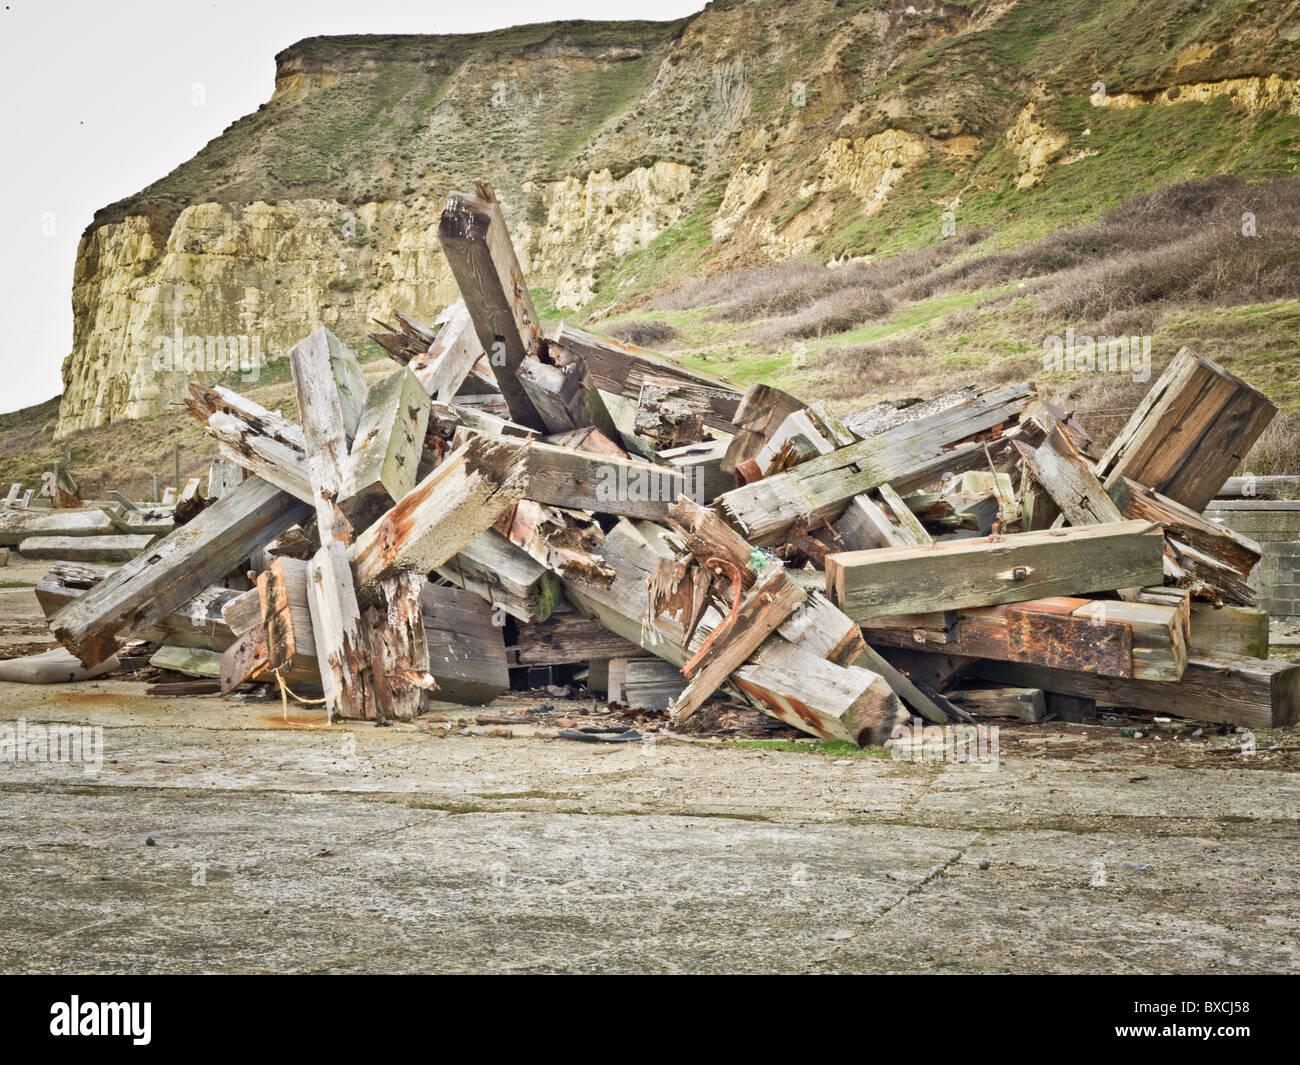 Broken wooden breakwaters - Stock Image